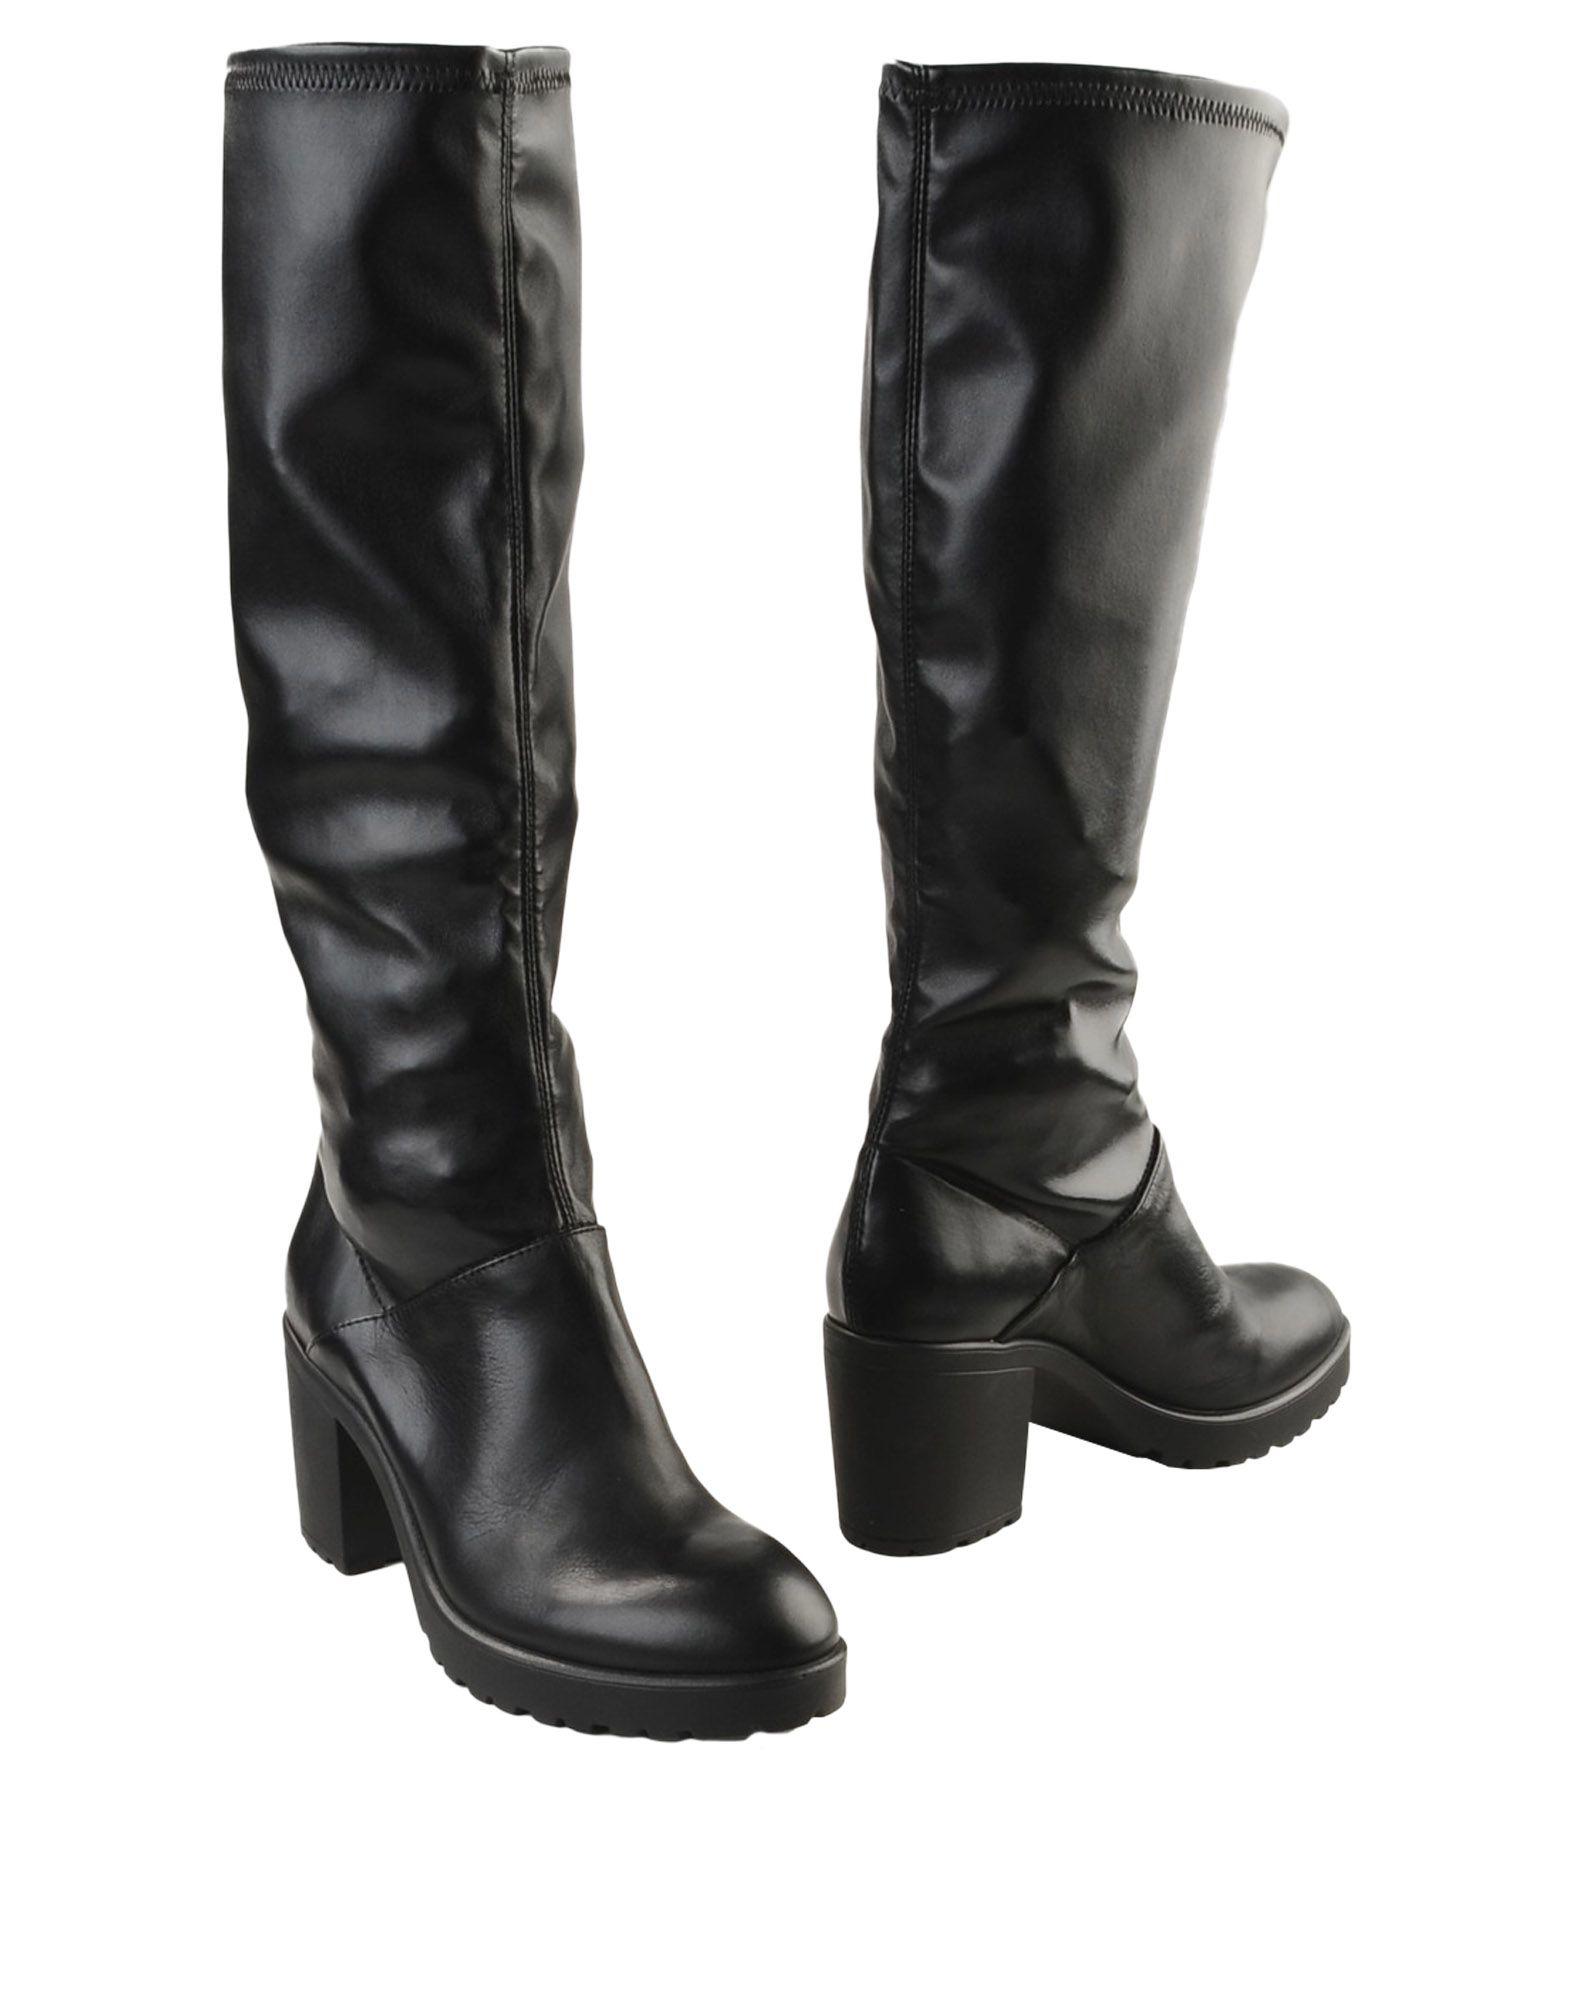 Fabrizio Chini Boots - Women Fabrizio Chini Boots Boots Boots online on  United Kingdom - 11545281FQ 40bf0a